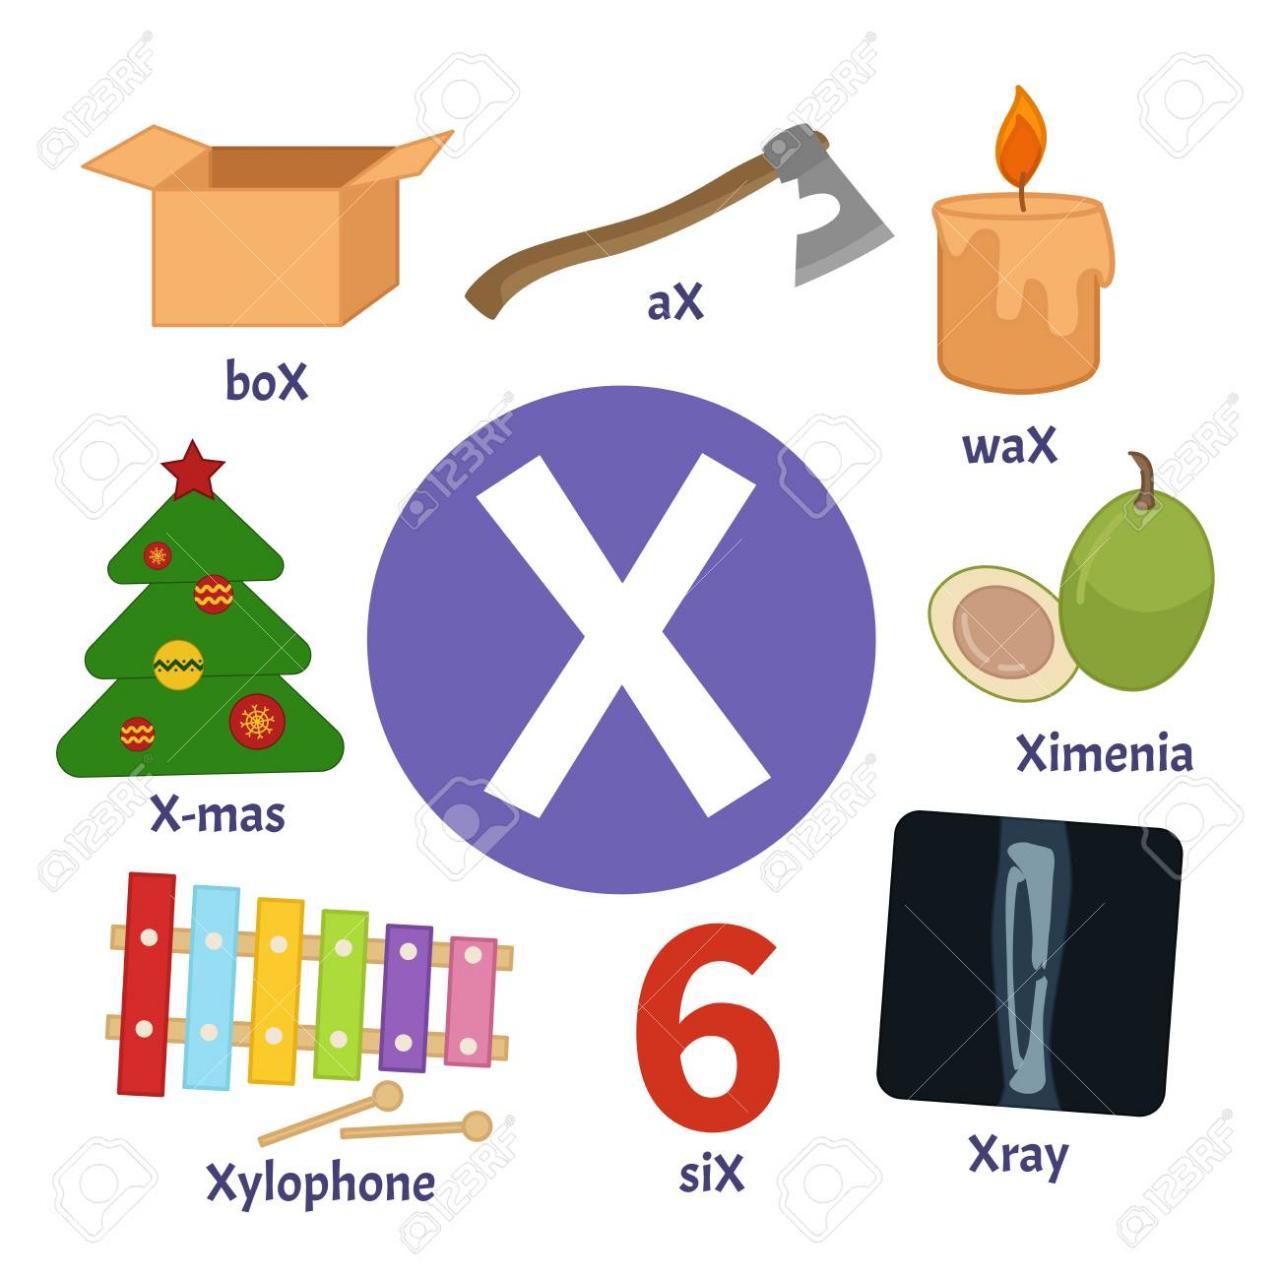 كلمات بحرف X اكثر الكلمات الشائعه لاخر الحروف الانجليزيه حنين الذكريات